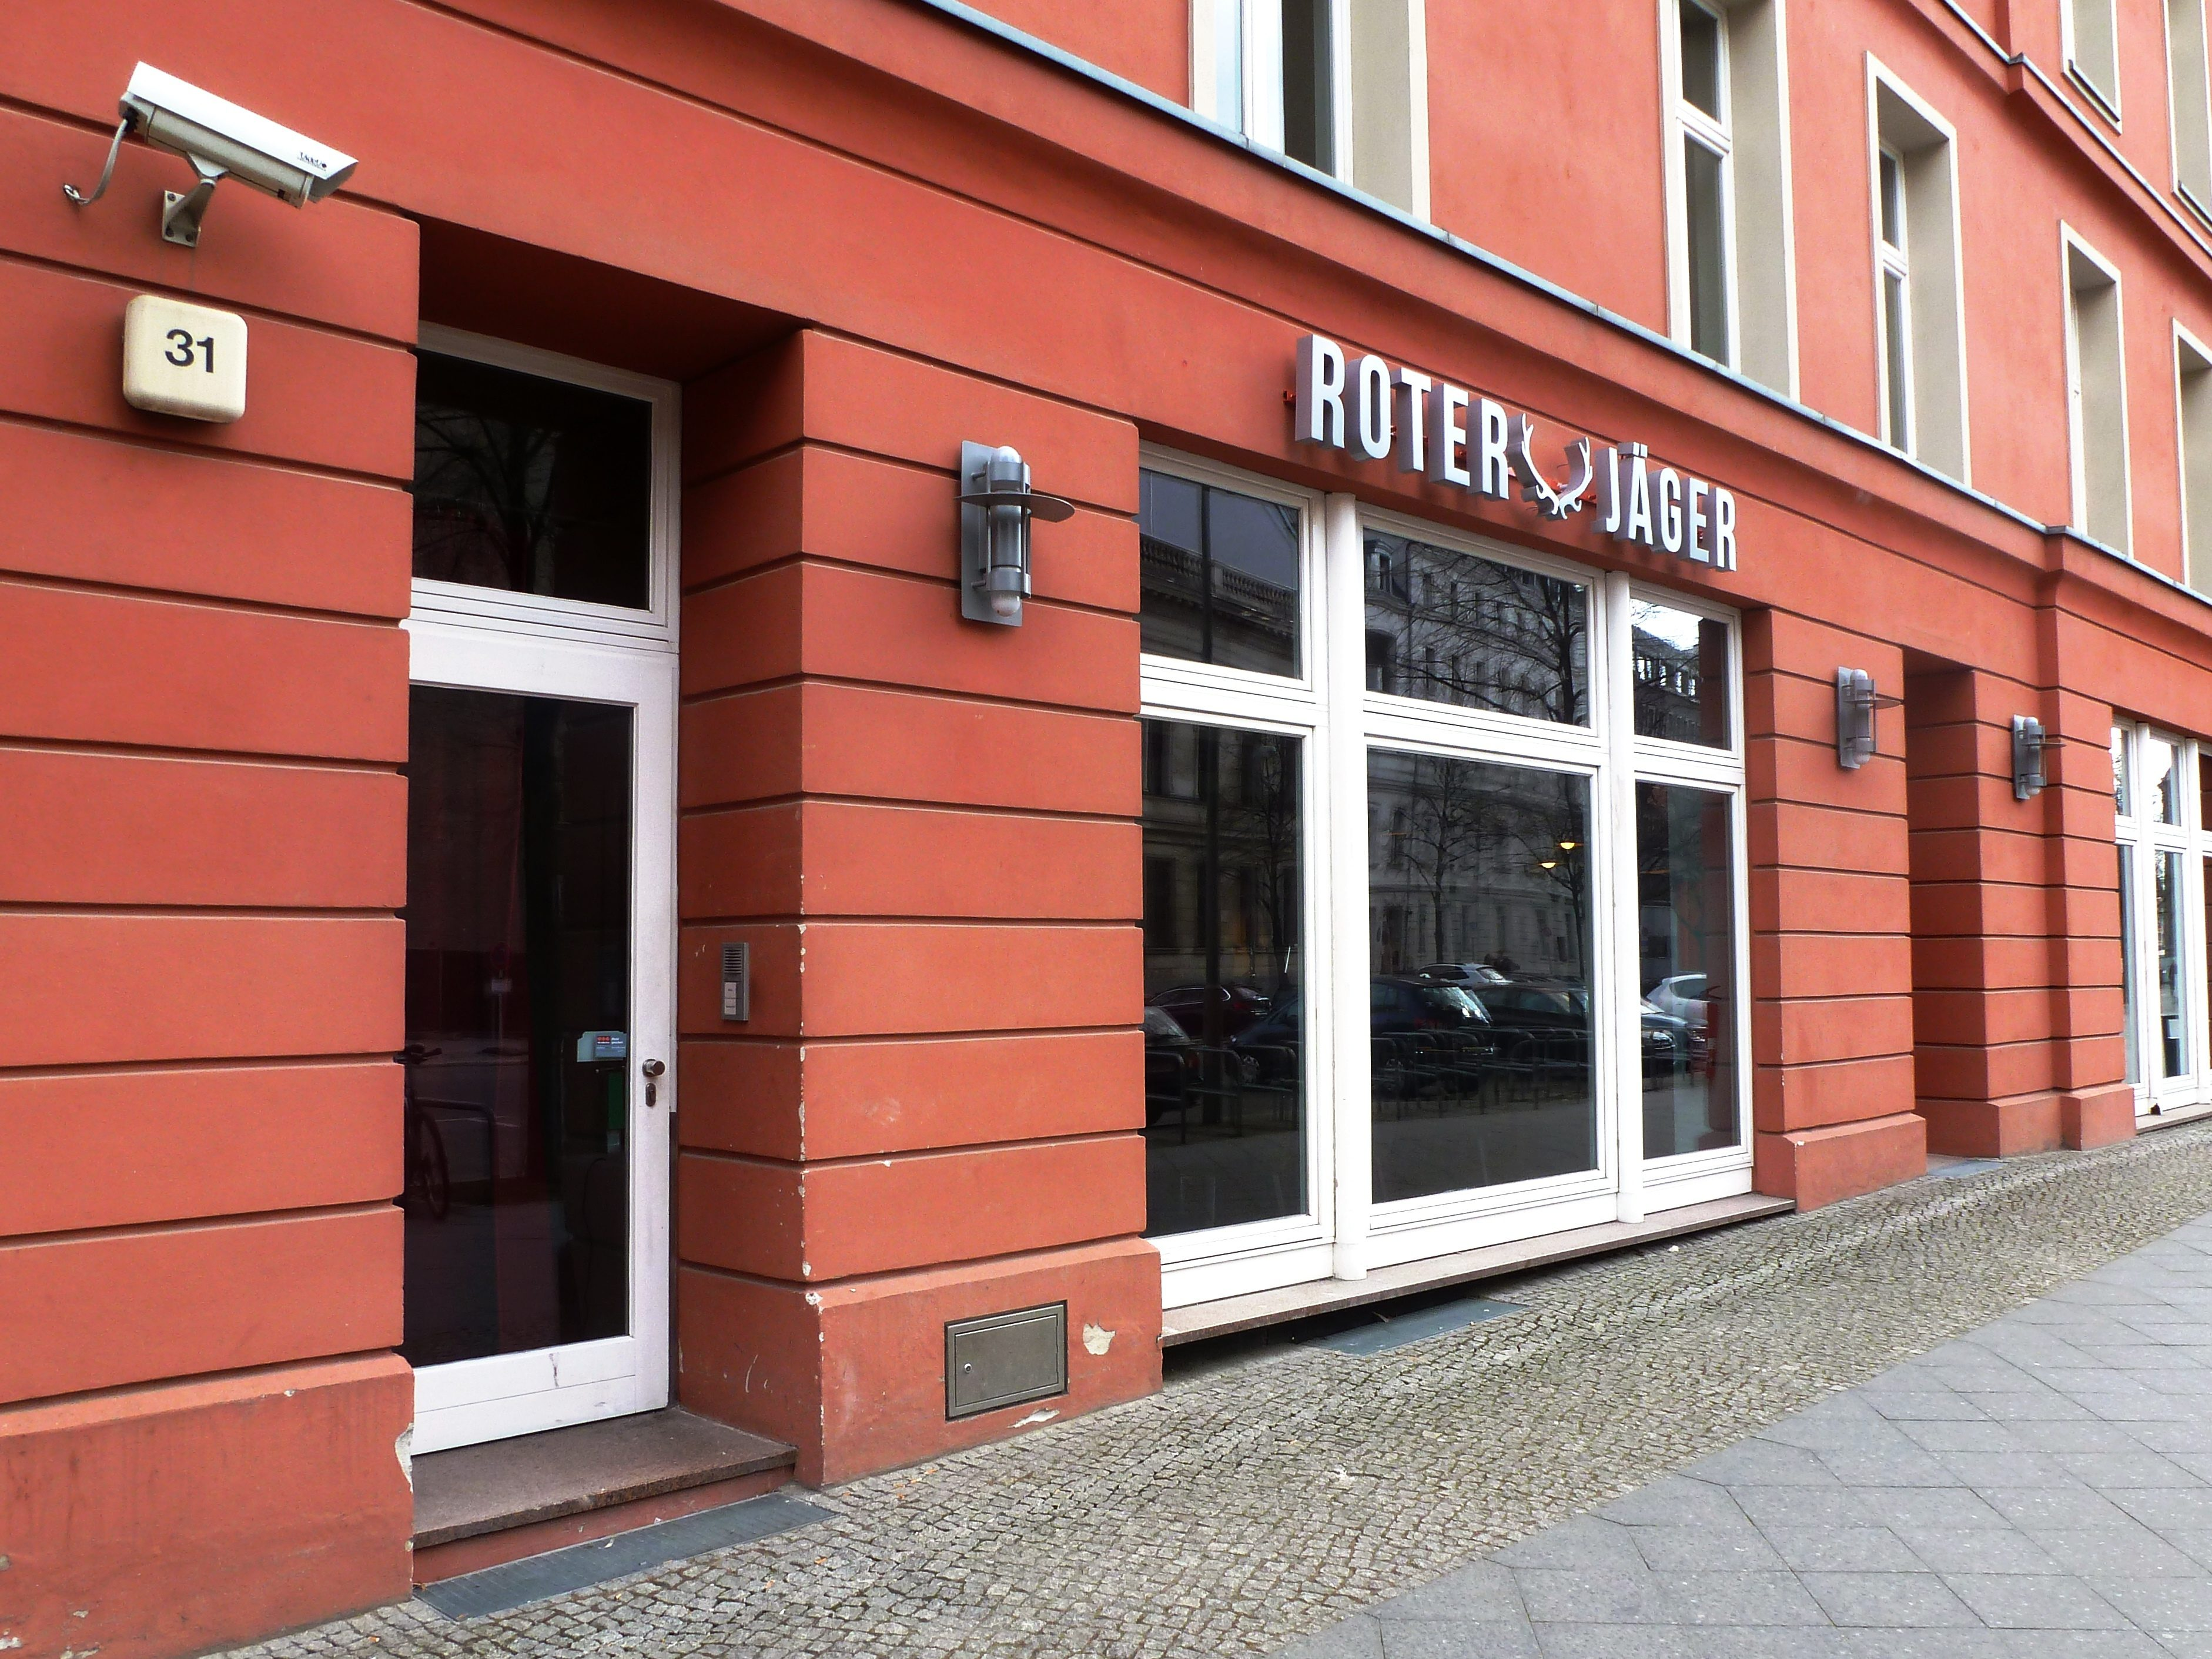 Rote Fassade und Standort in der Jägerstraße: Da fiel Rach die Wahl des Restaurantnamens nicht schwer.